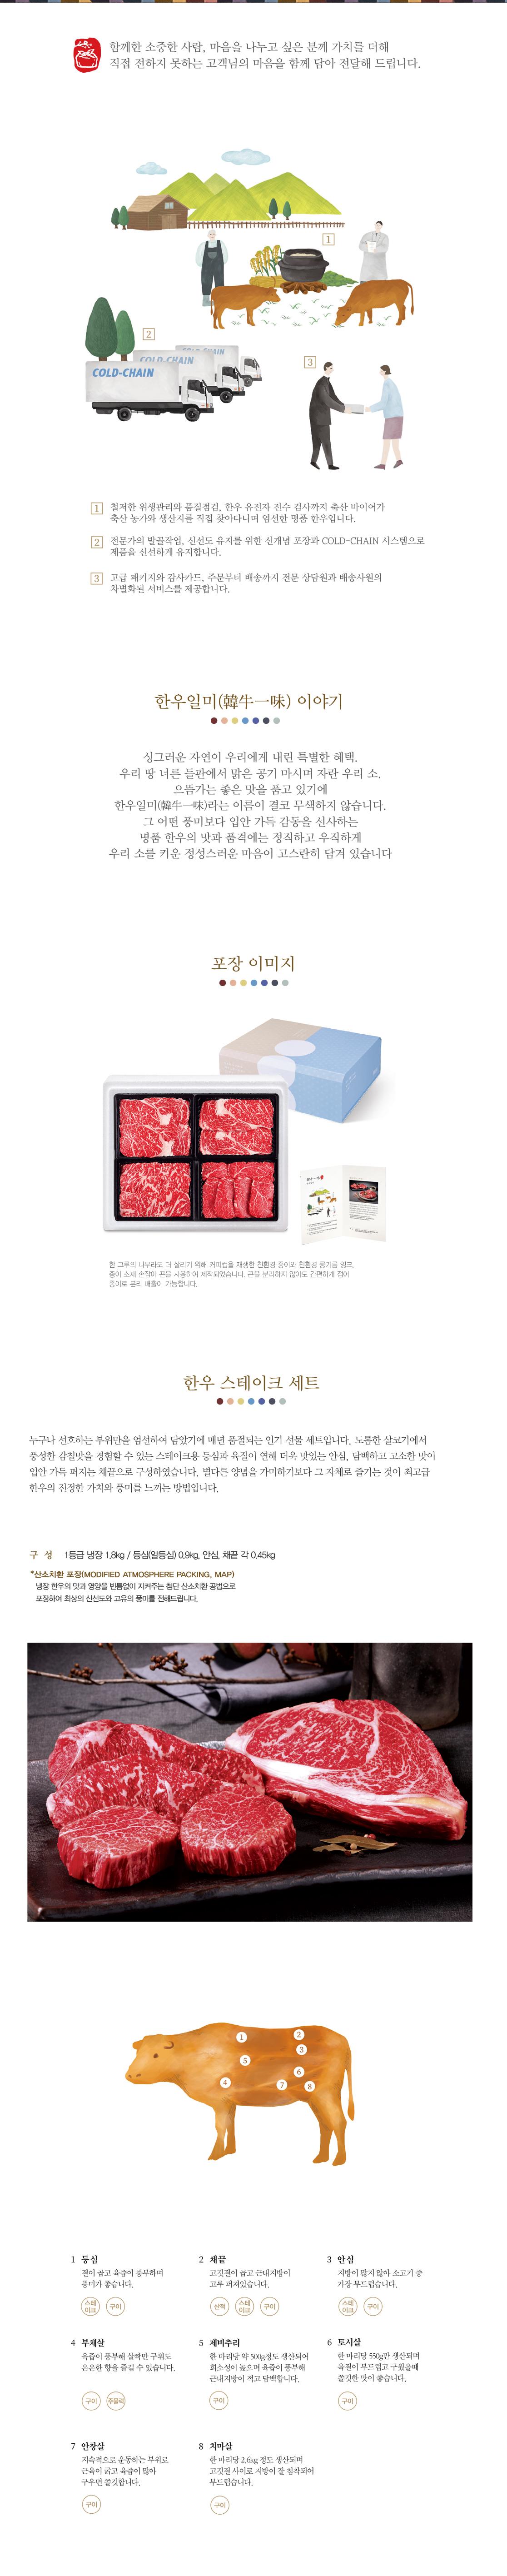 한우스테이크세트 1.8kg 1+등급 냉장 1.8kg / 등심(알등심) 0.9kg, 안심, 채끝 각 0.45kg